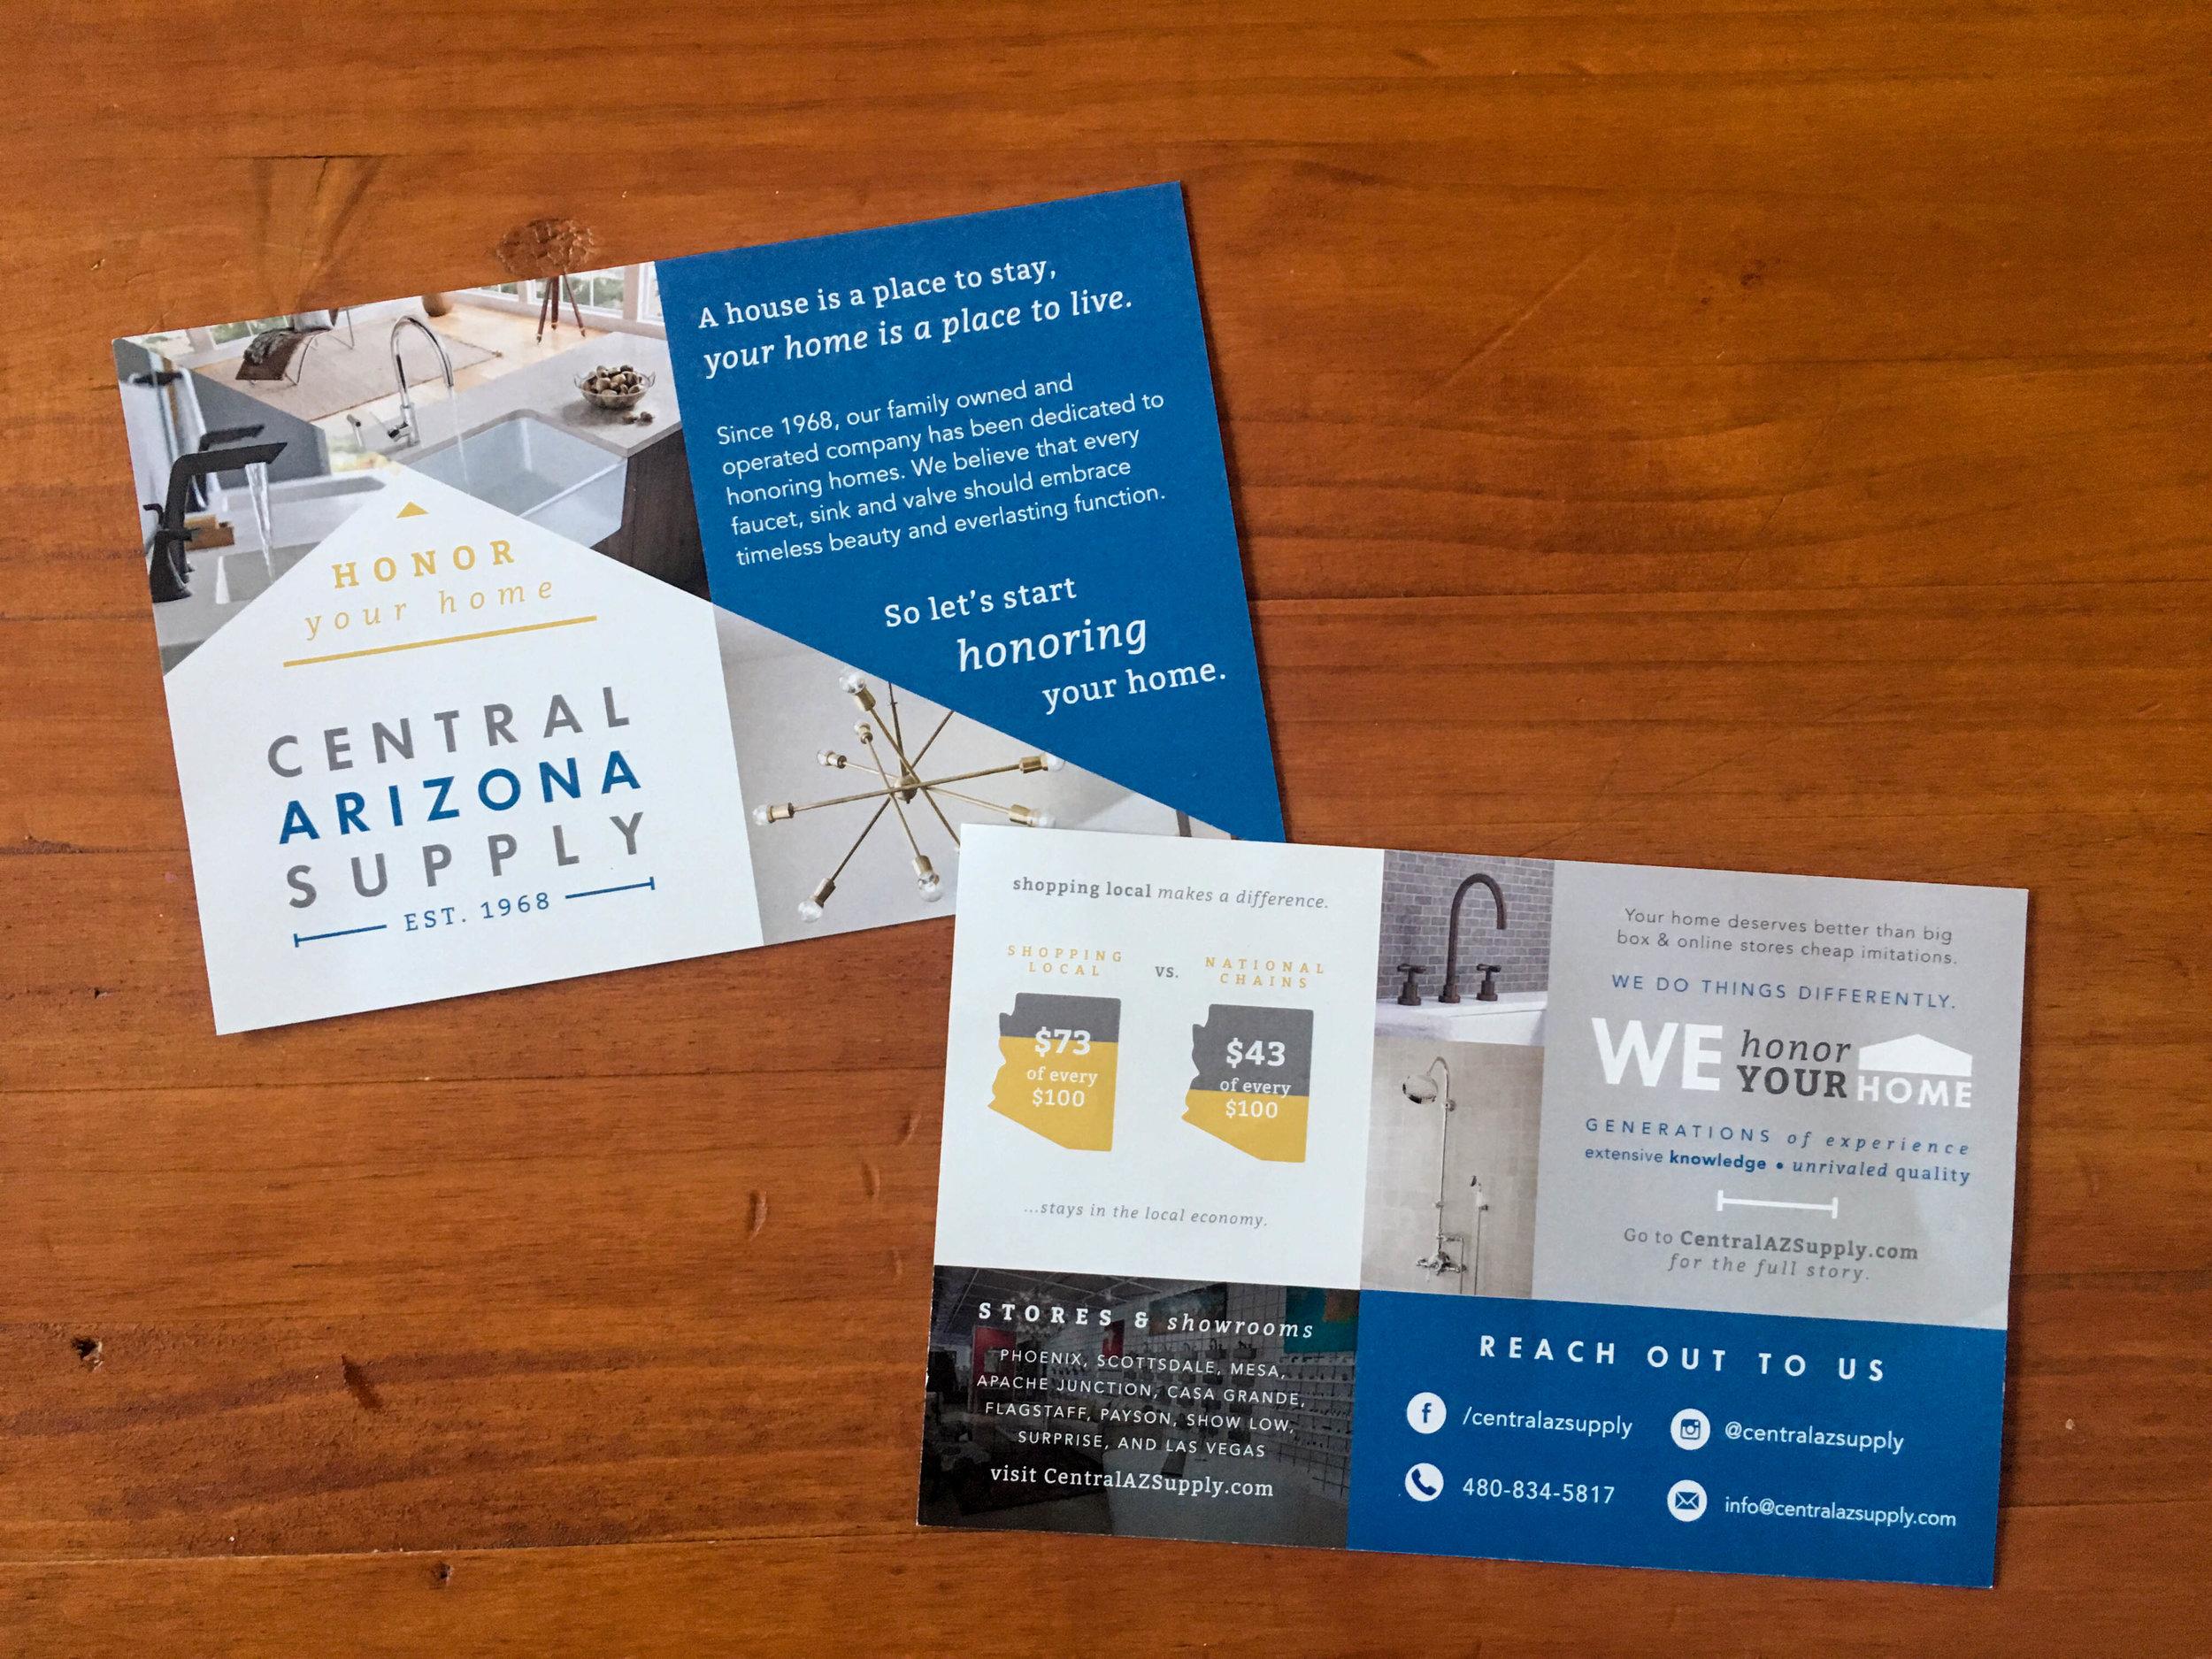 Central Arizona Supply